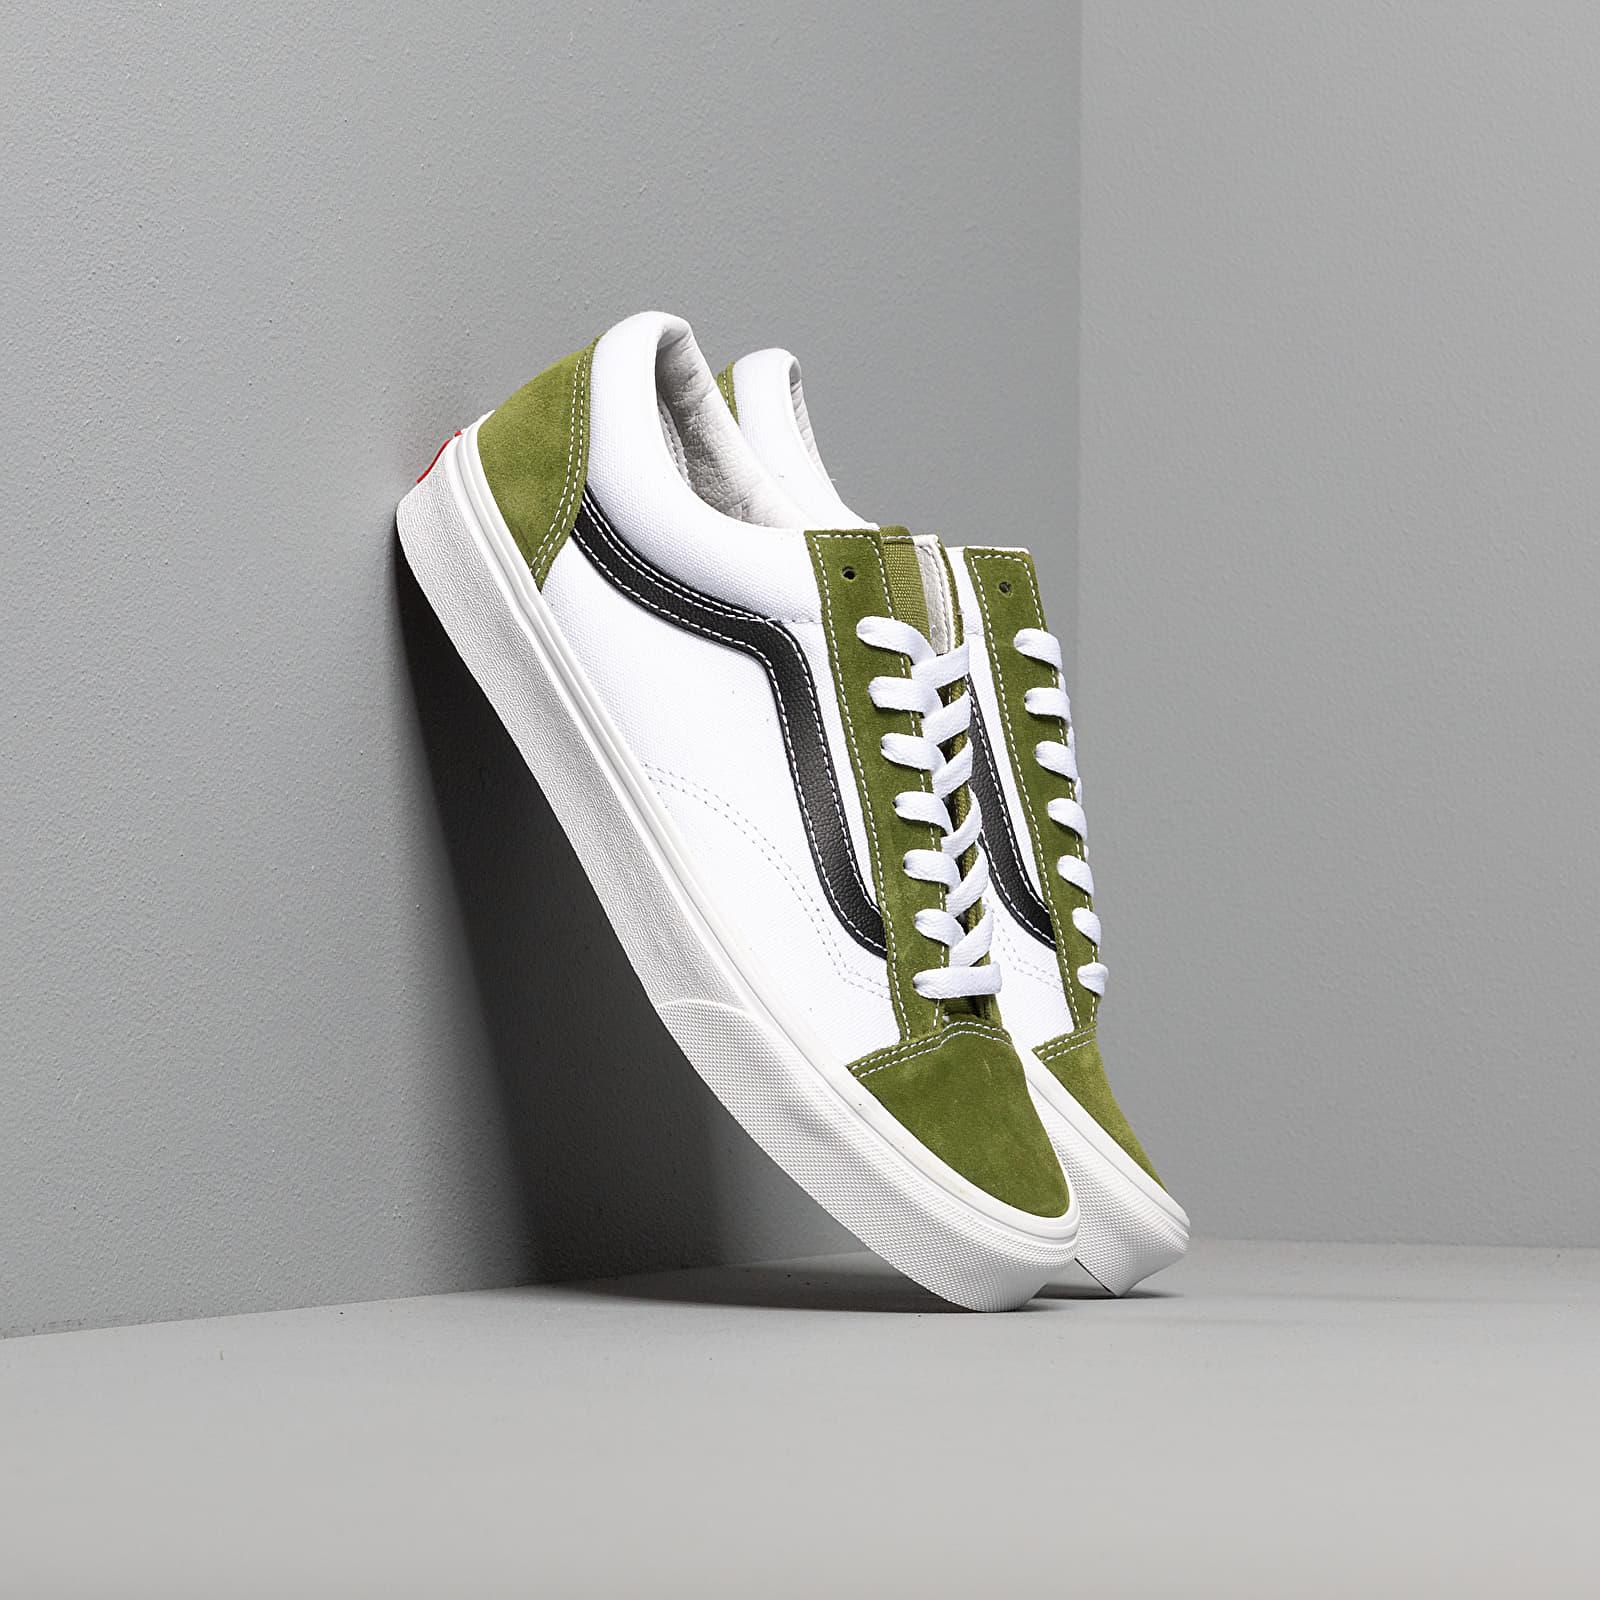 Мужская обувь Vans Style 36 (Retro Sport) Green/ White